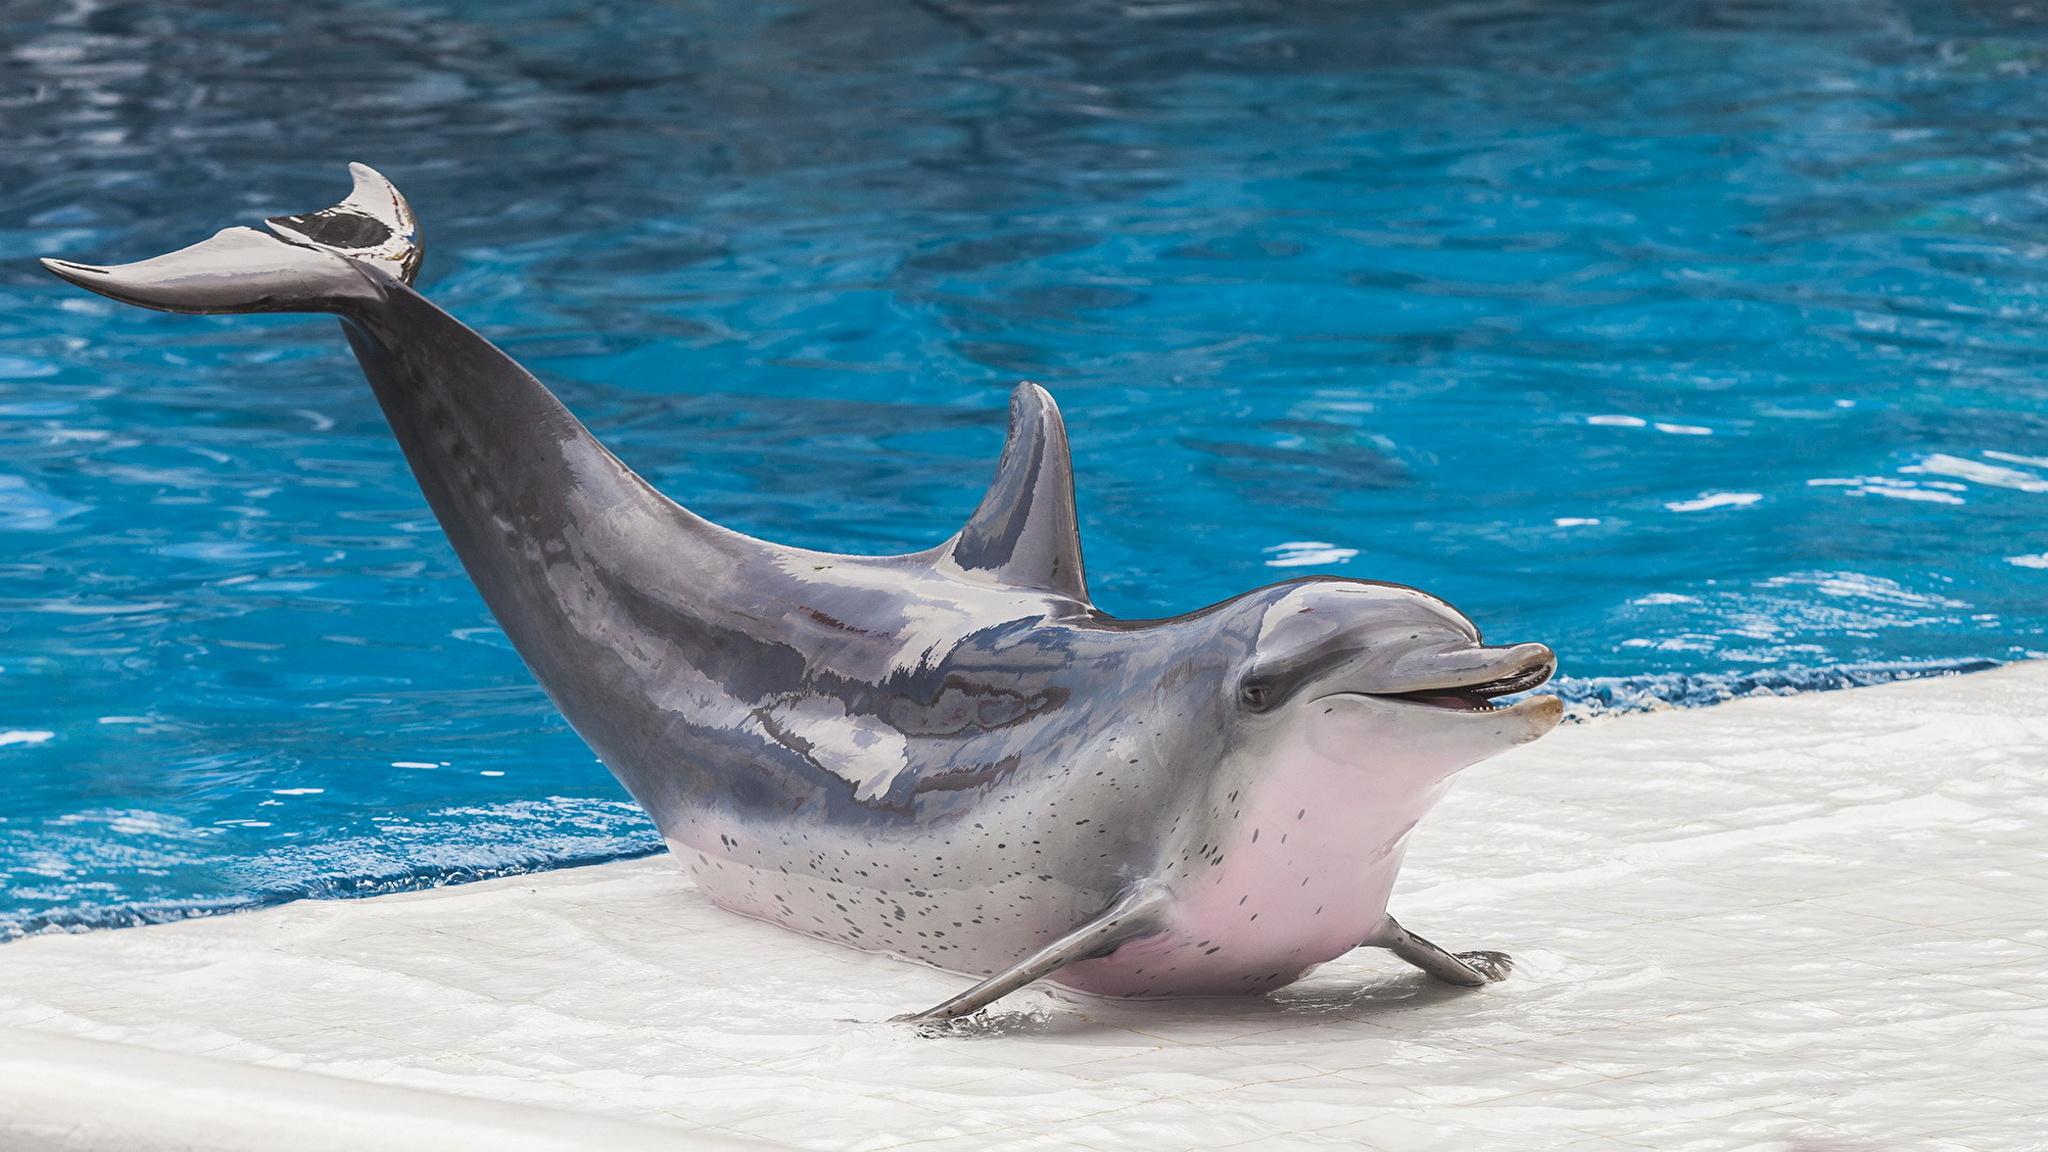 дельфин крупным планом без смс